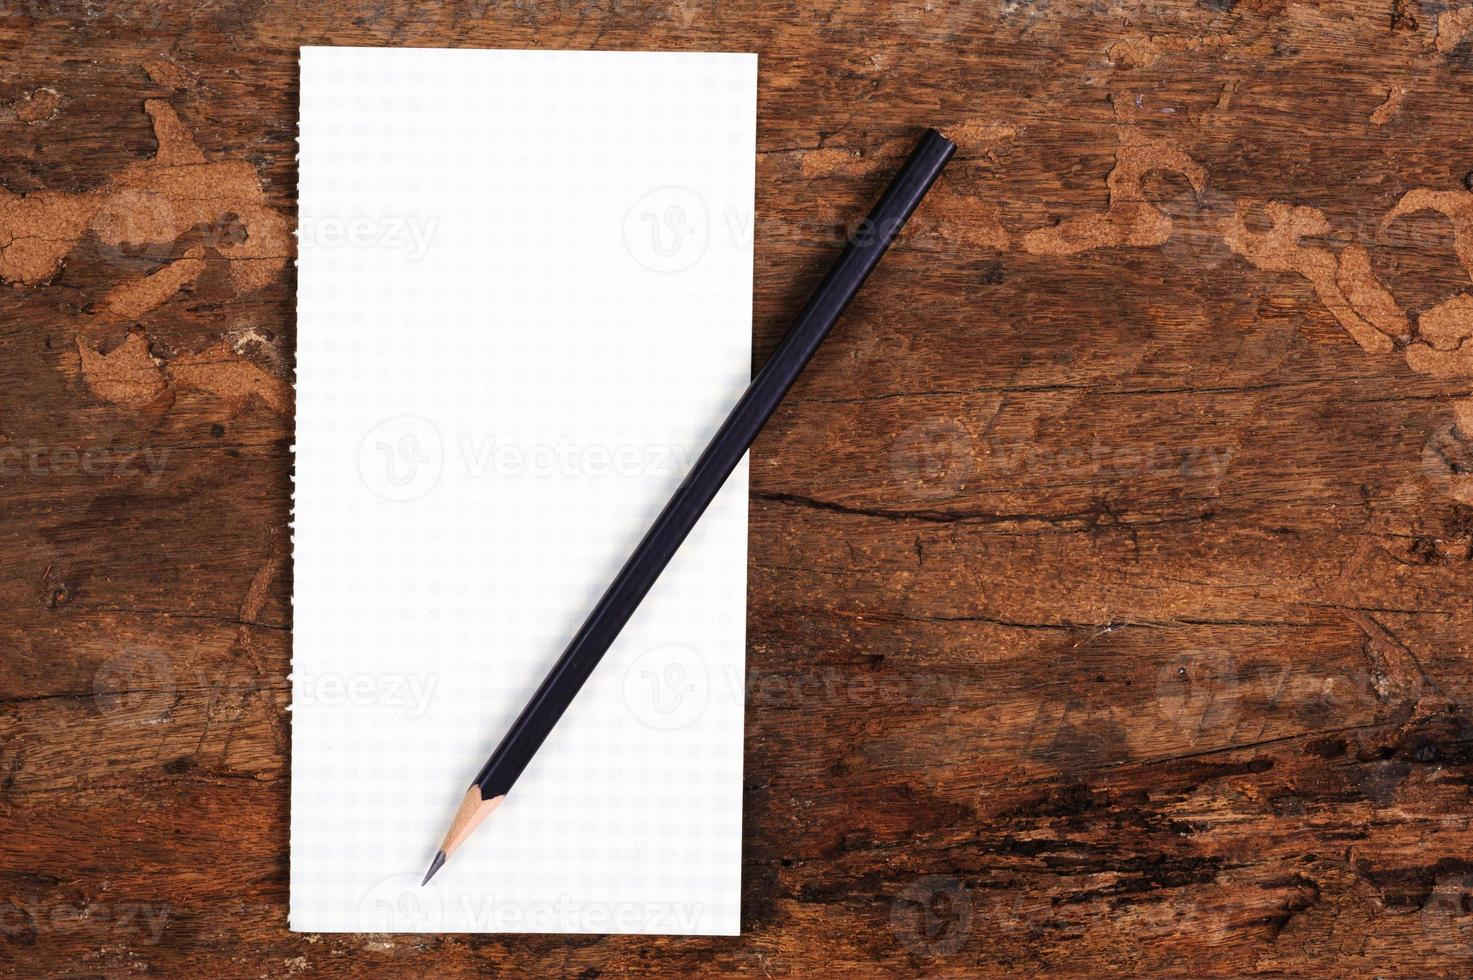 oude pagina opgelicht uit het notitieblok op houtstructuur foto